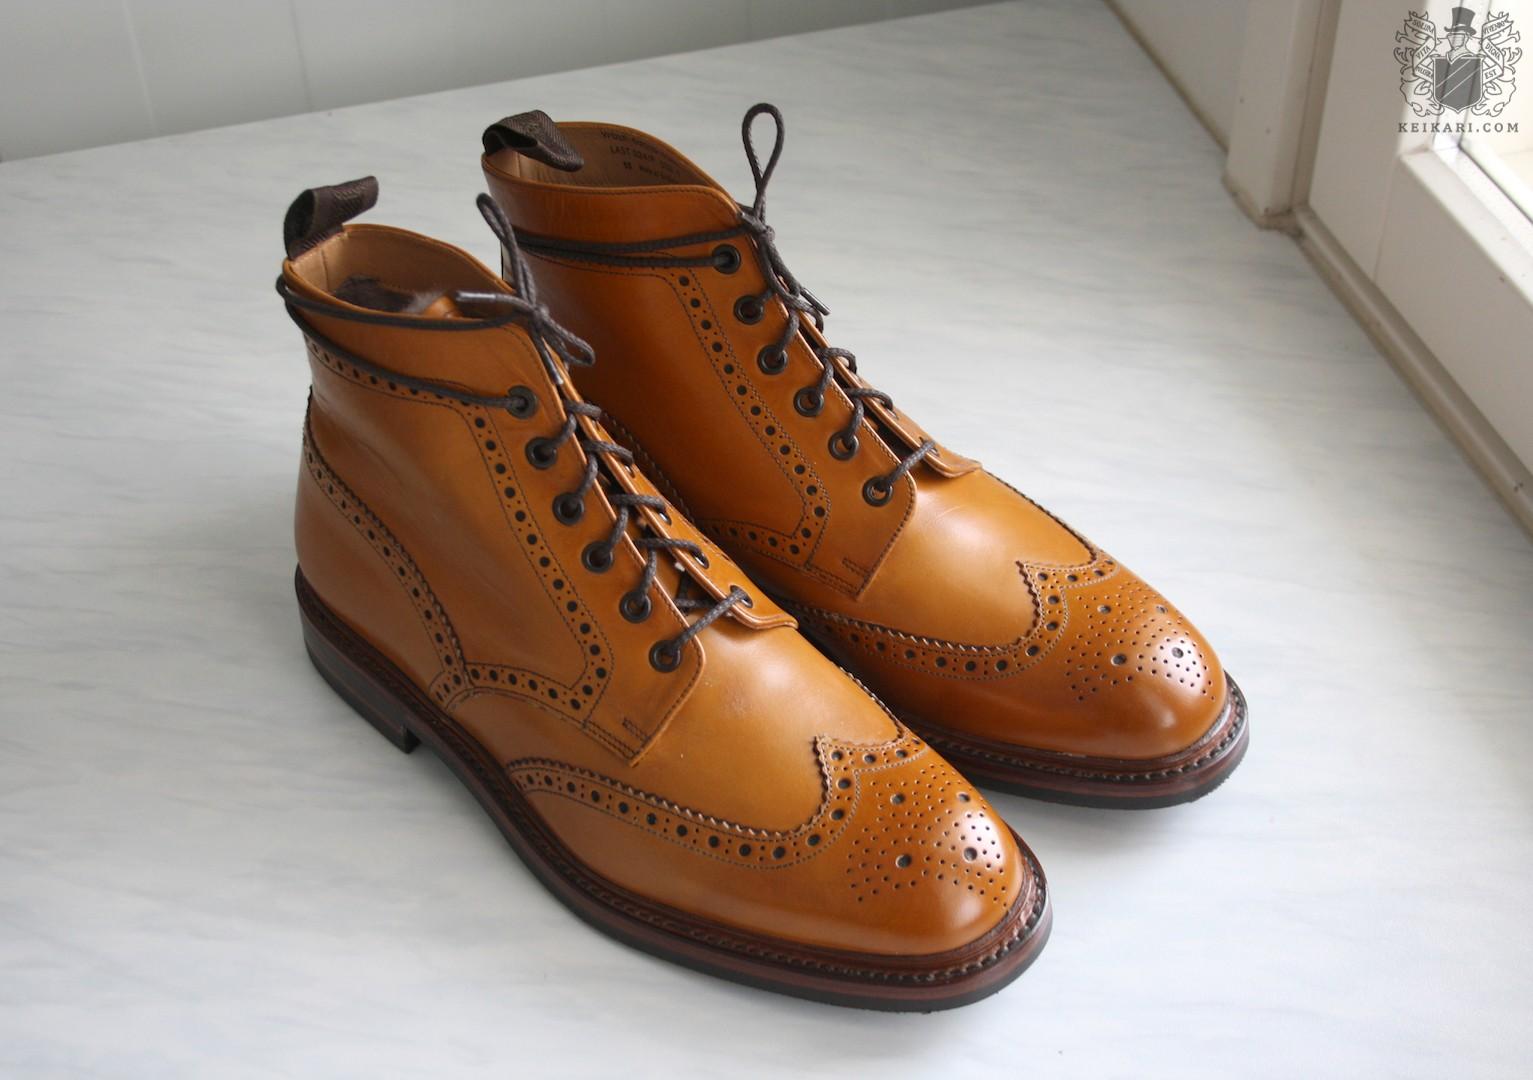 Loake_Wolf_shearling_boots_at_Keikari_dot_com06.jpg